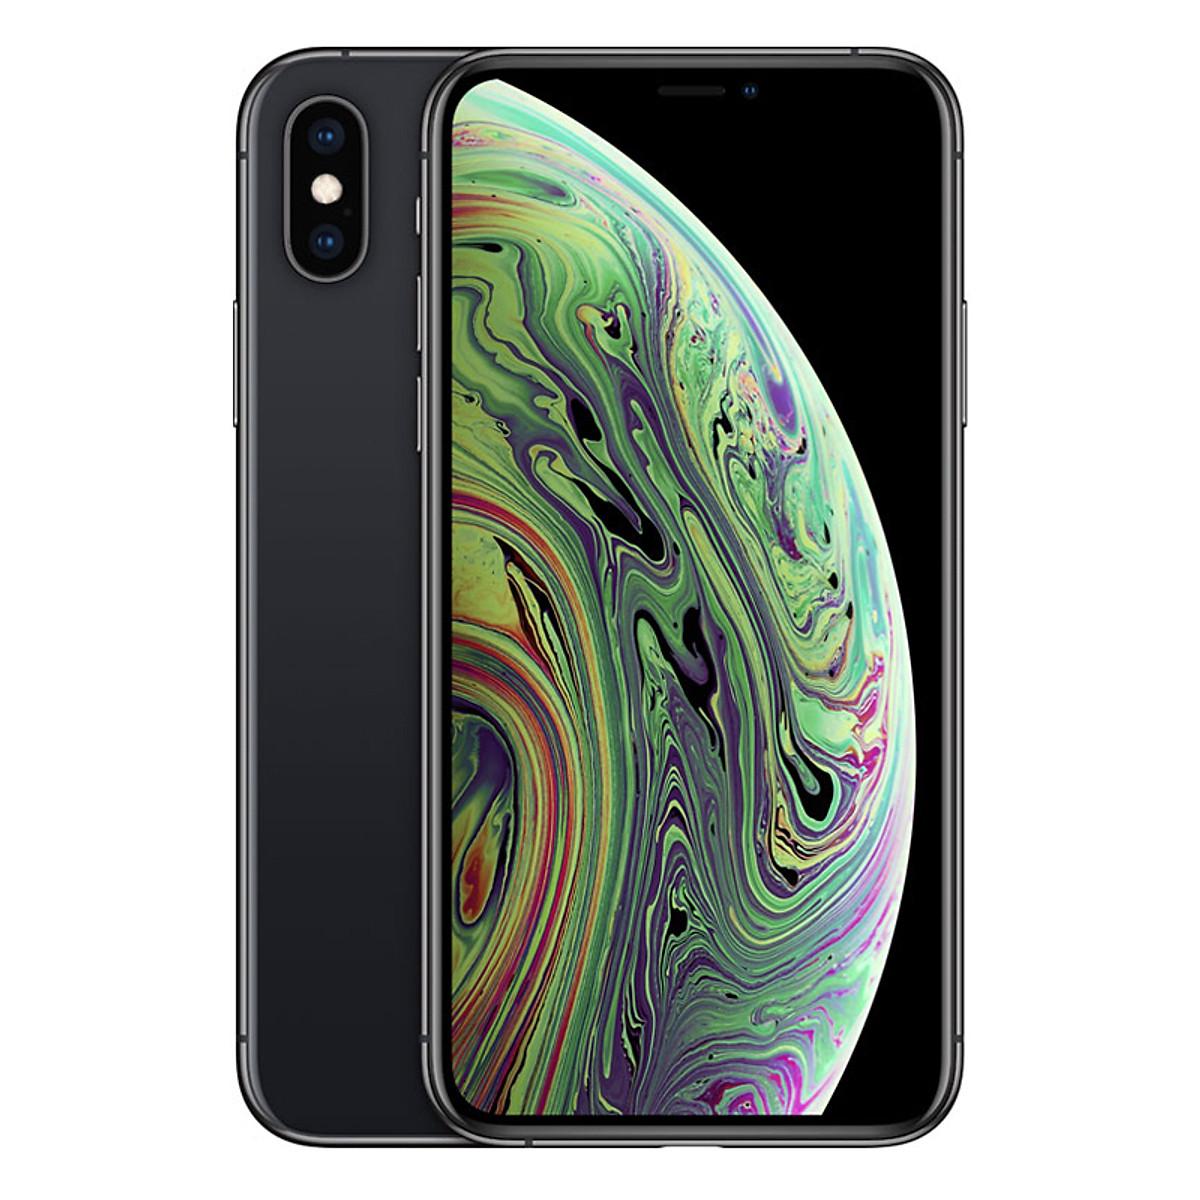 iPhone giảm giá HOT: iPhone XS Max, iPhone XR, iPhone 8 Plus... - 1